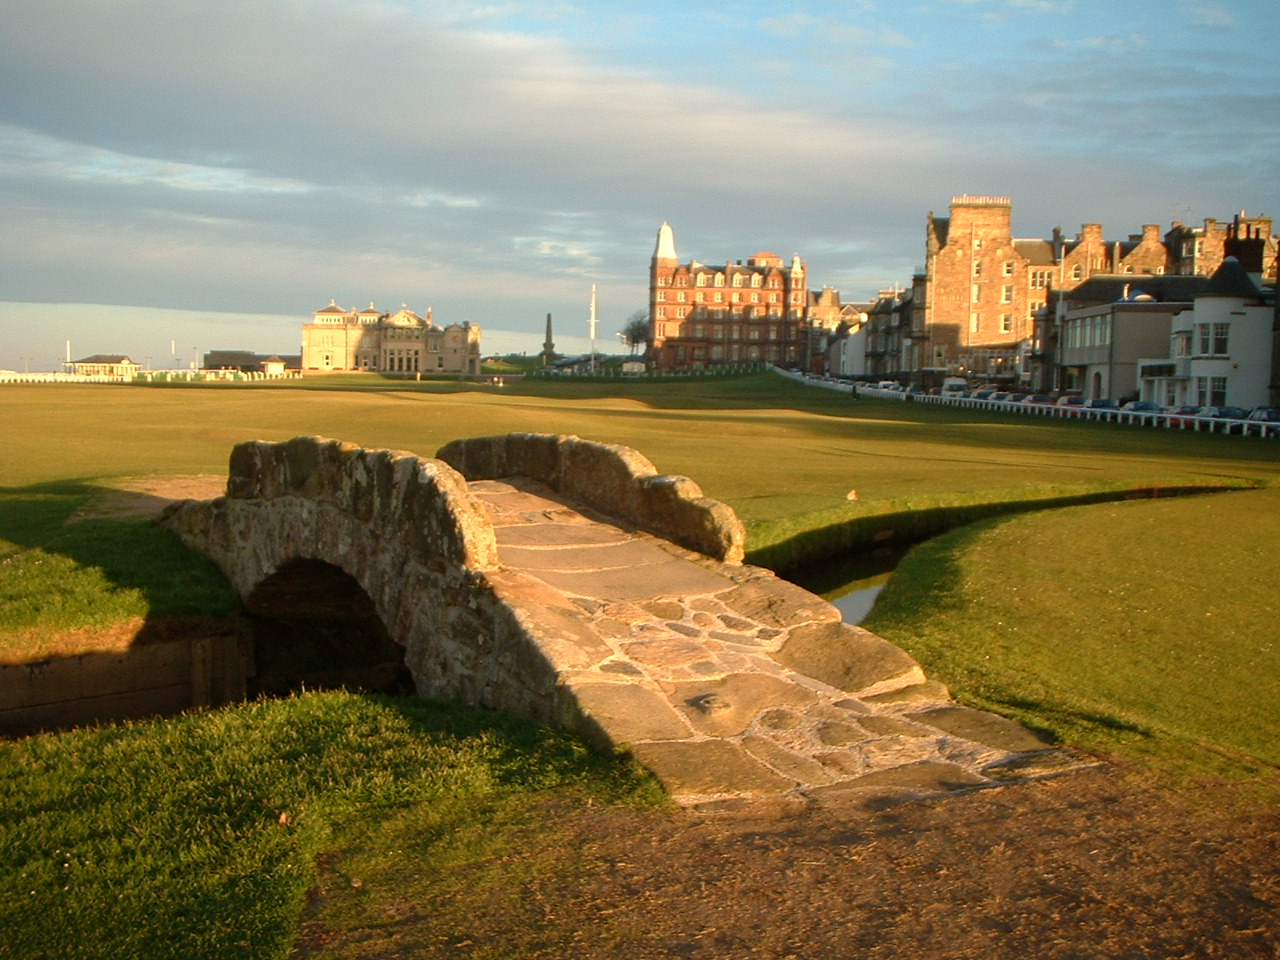 Old Tom Morris, Golf Course Design